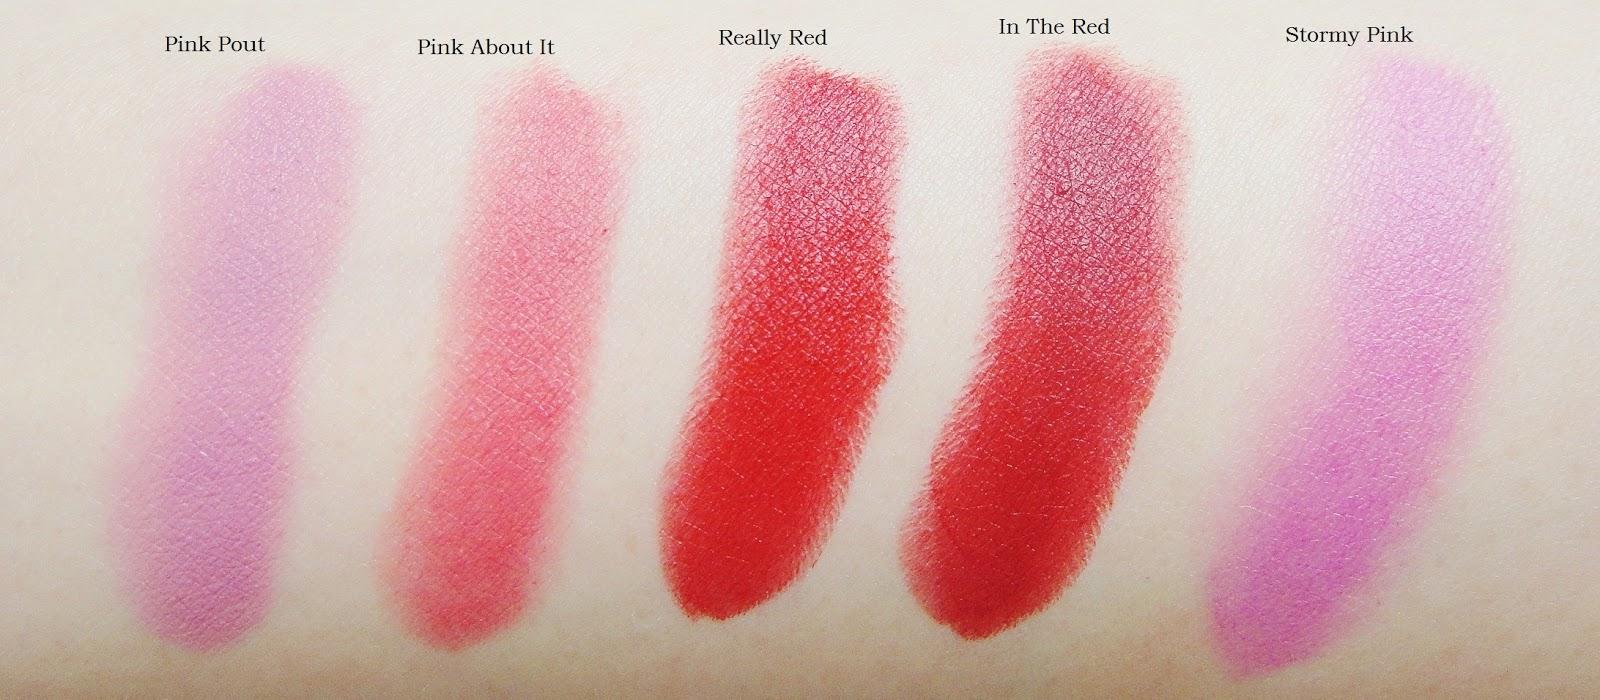 Collective Swatch - Revlon Super Lustrous Lipsticks